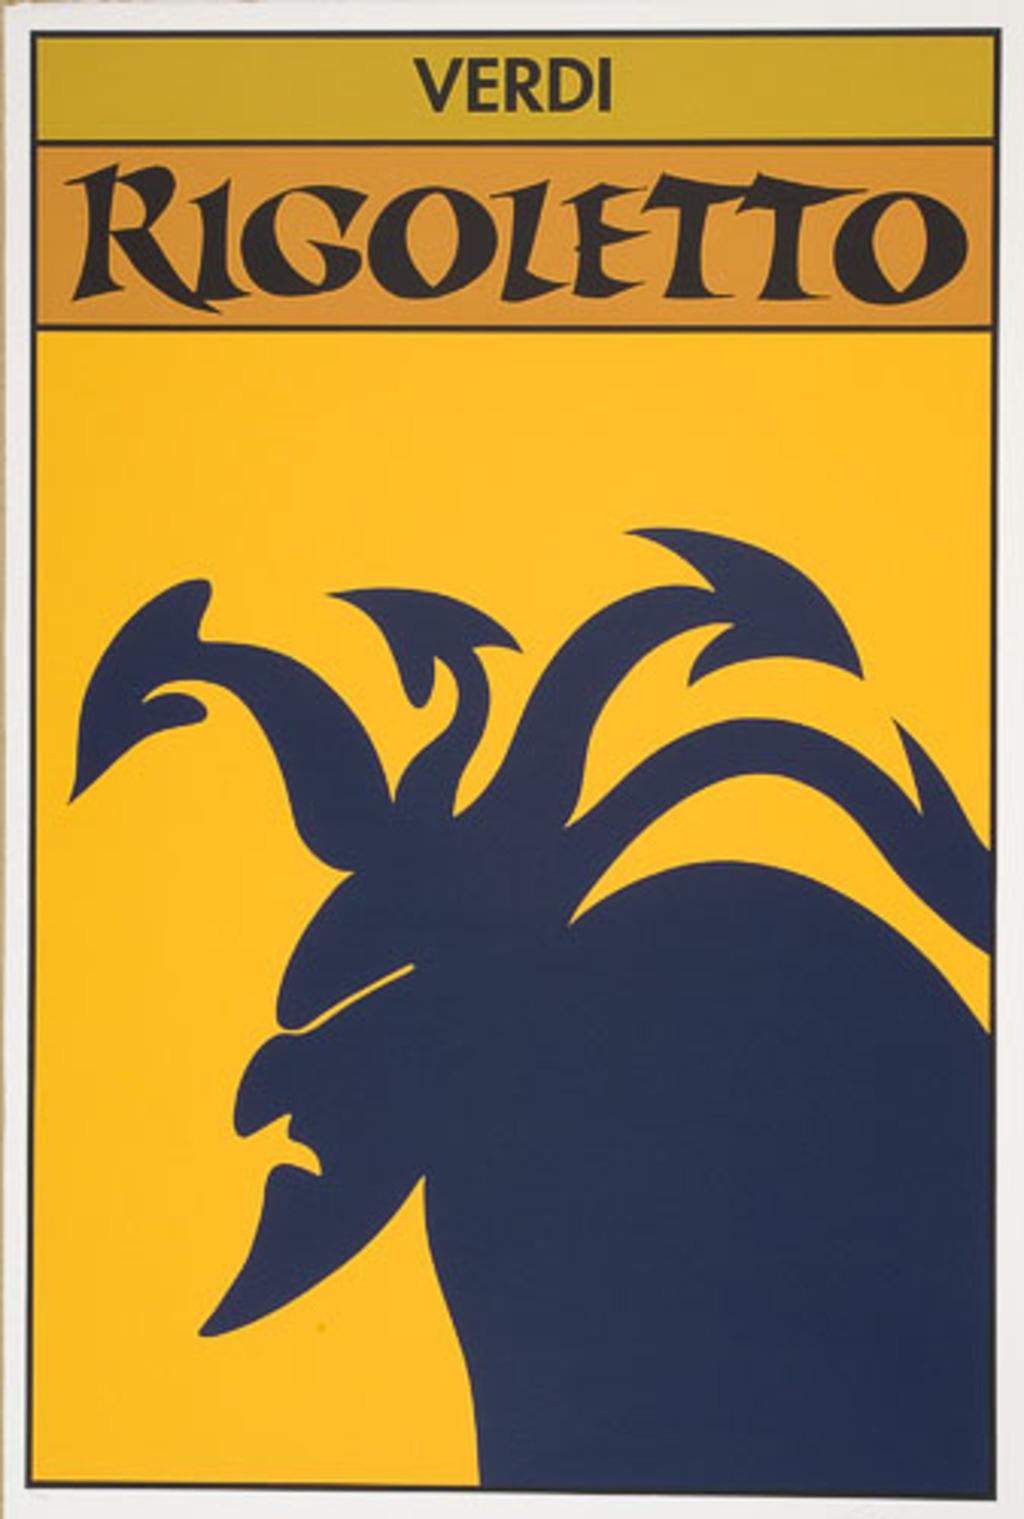 Affiche «Verdi : Rigoletto», de l'album L'Opéra par Vittorio